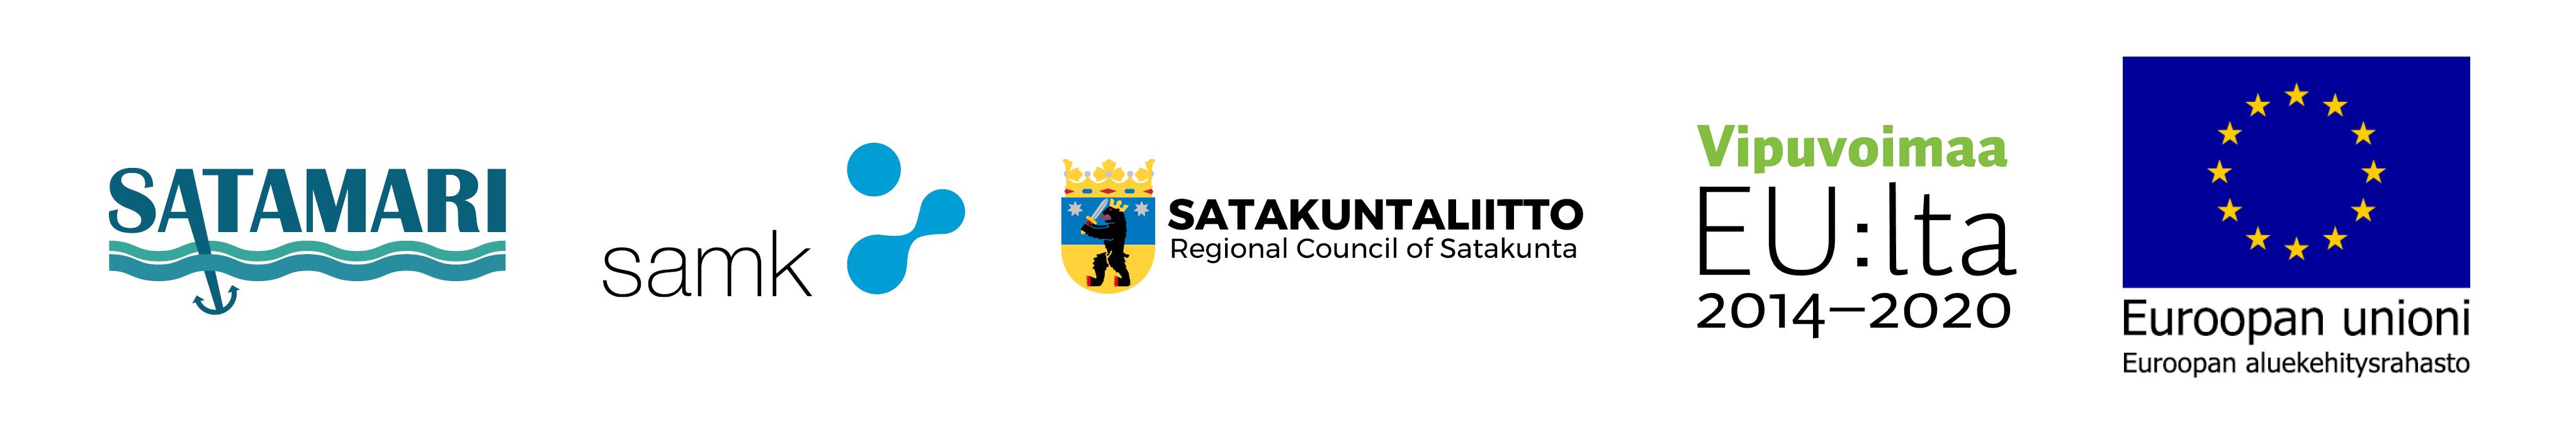 Logot: SataMari, SAMK, Satakuntaliitto, Vipuvoimaa EU:lta, Euroopan aluekehitysrahasto.